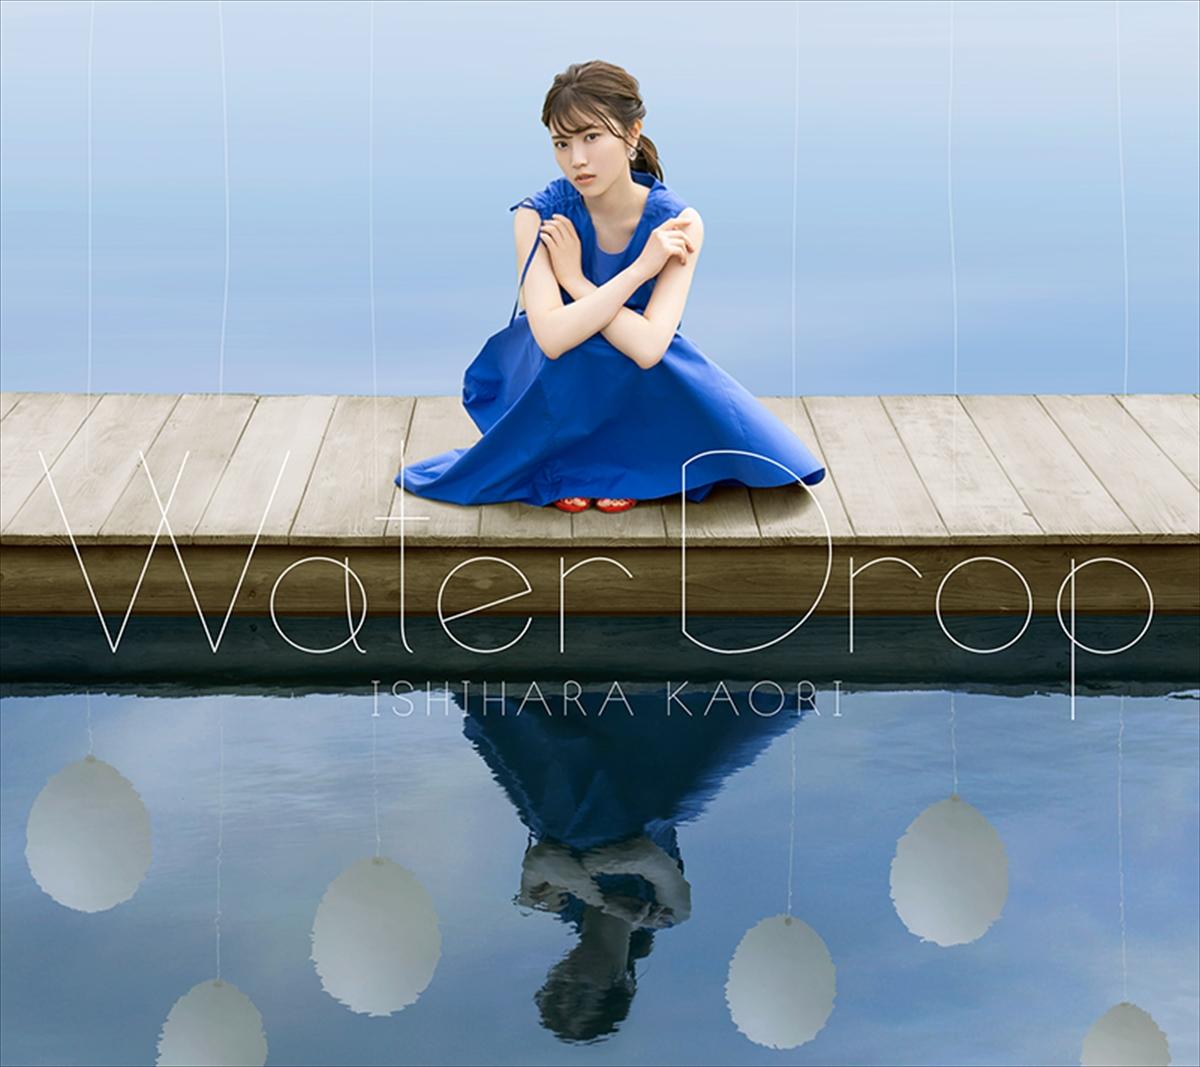 石原夏織2ndアルバム「Water Drop」【CD+BD盤】